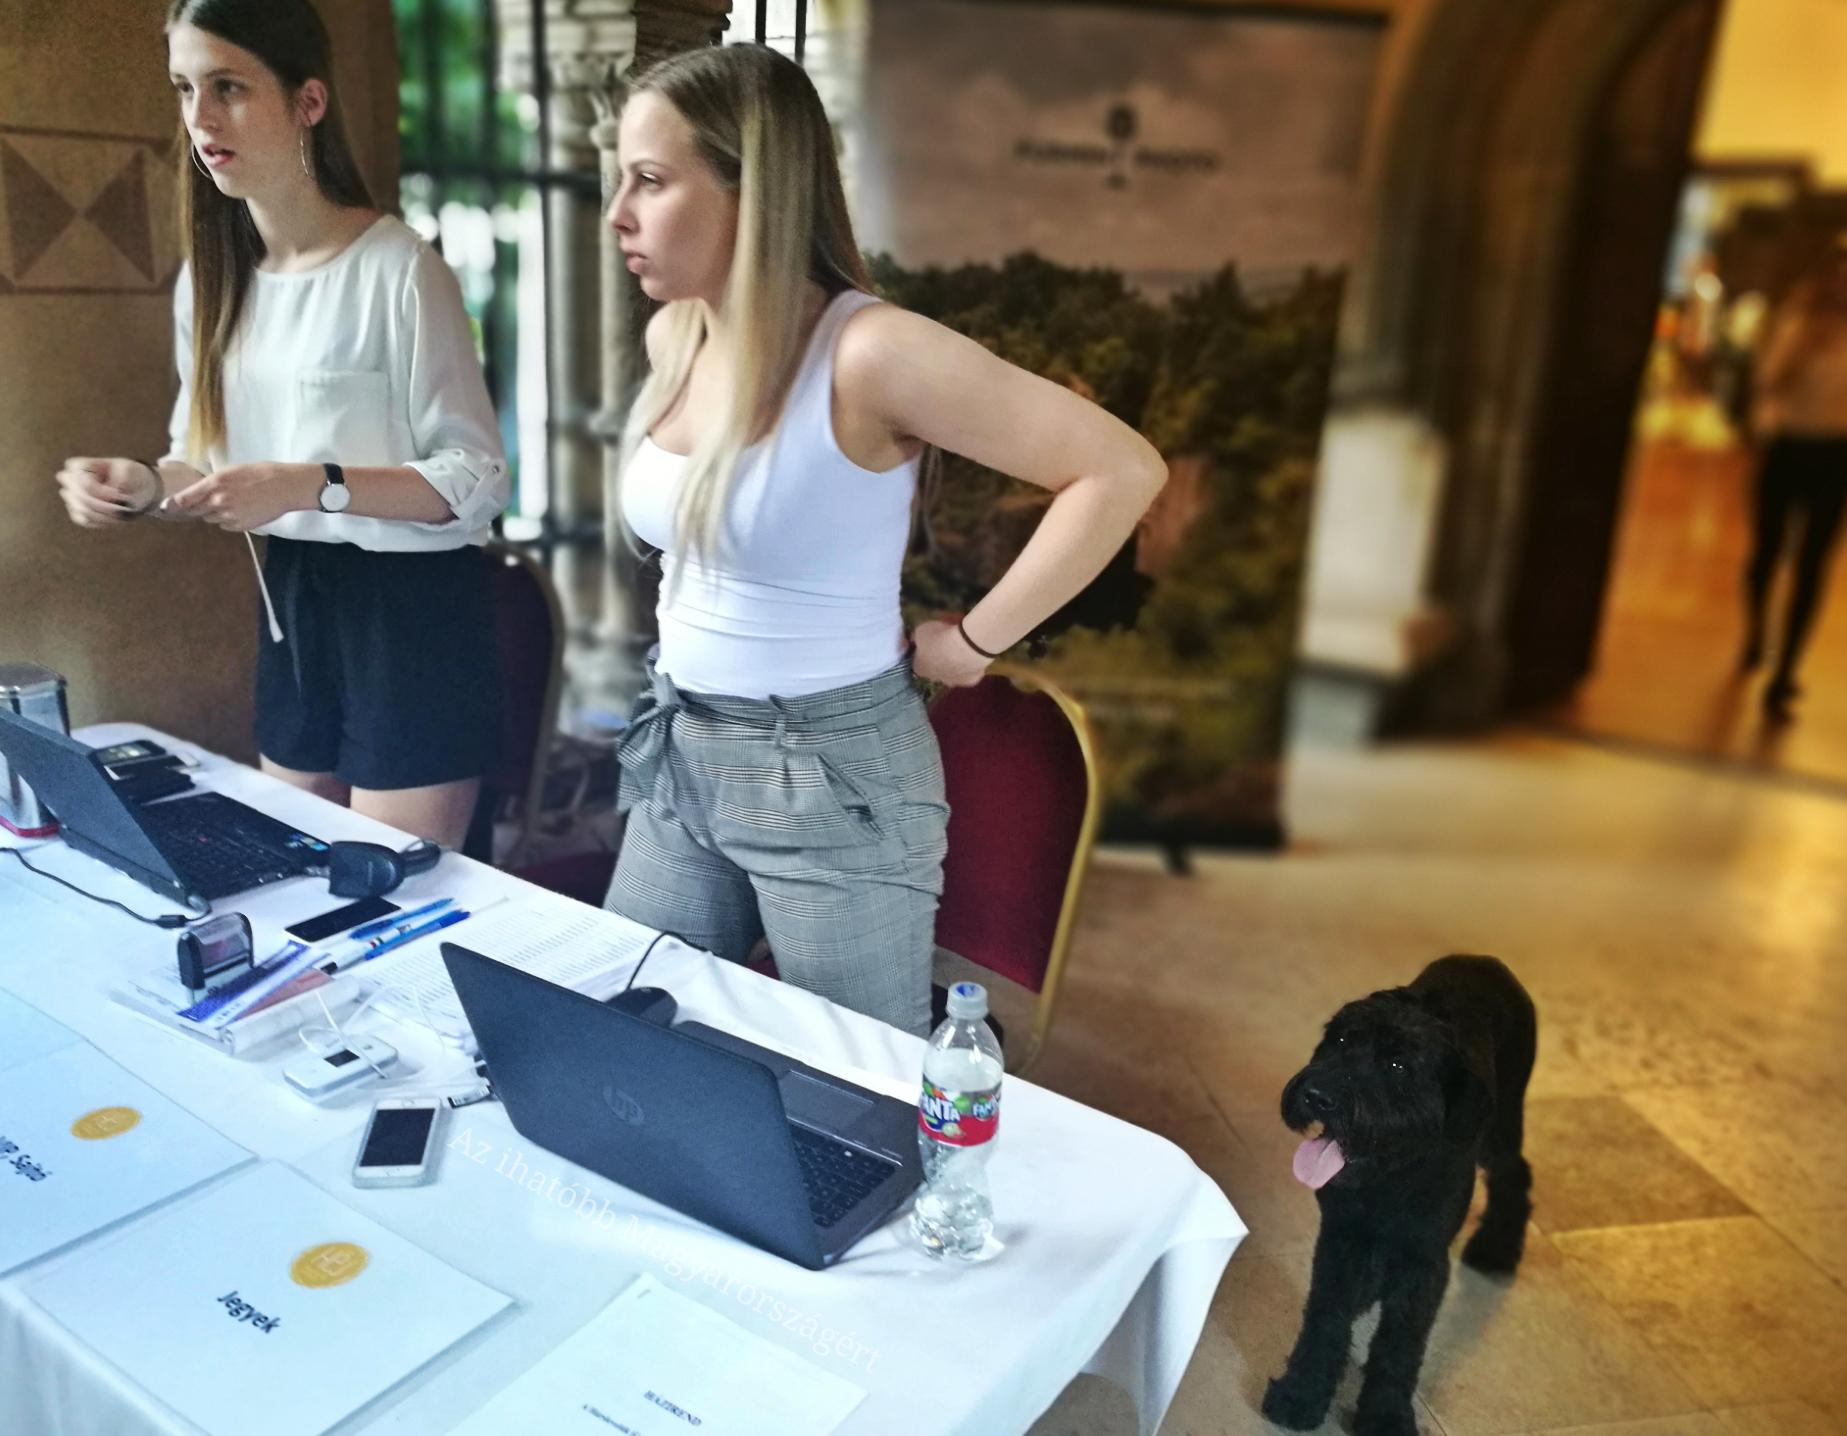 Lányok, kutya, ember, regisztráció